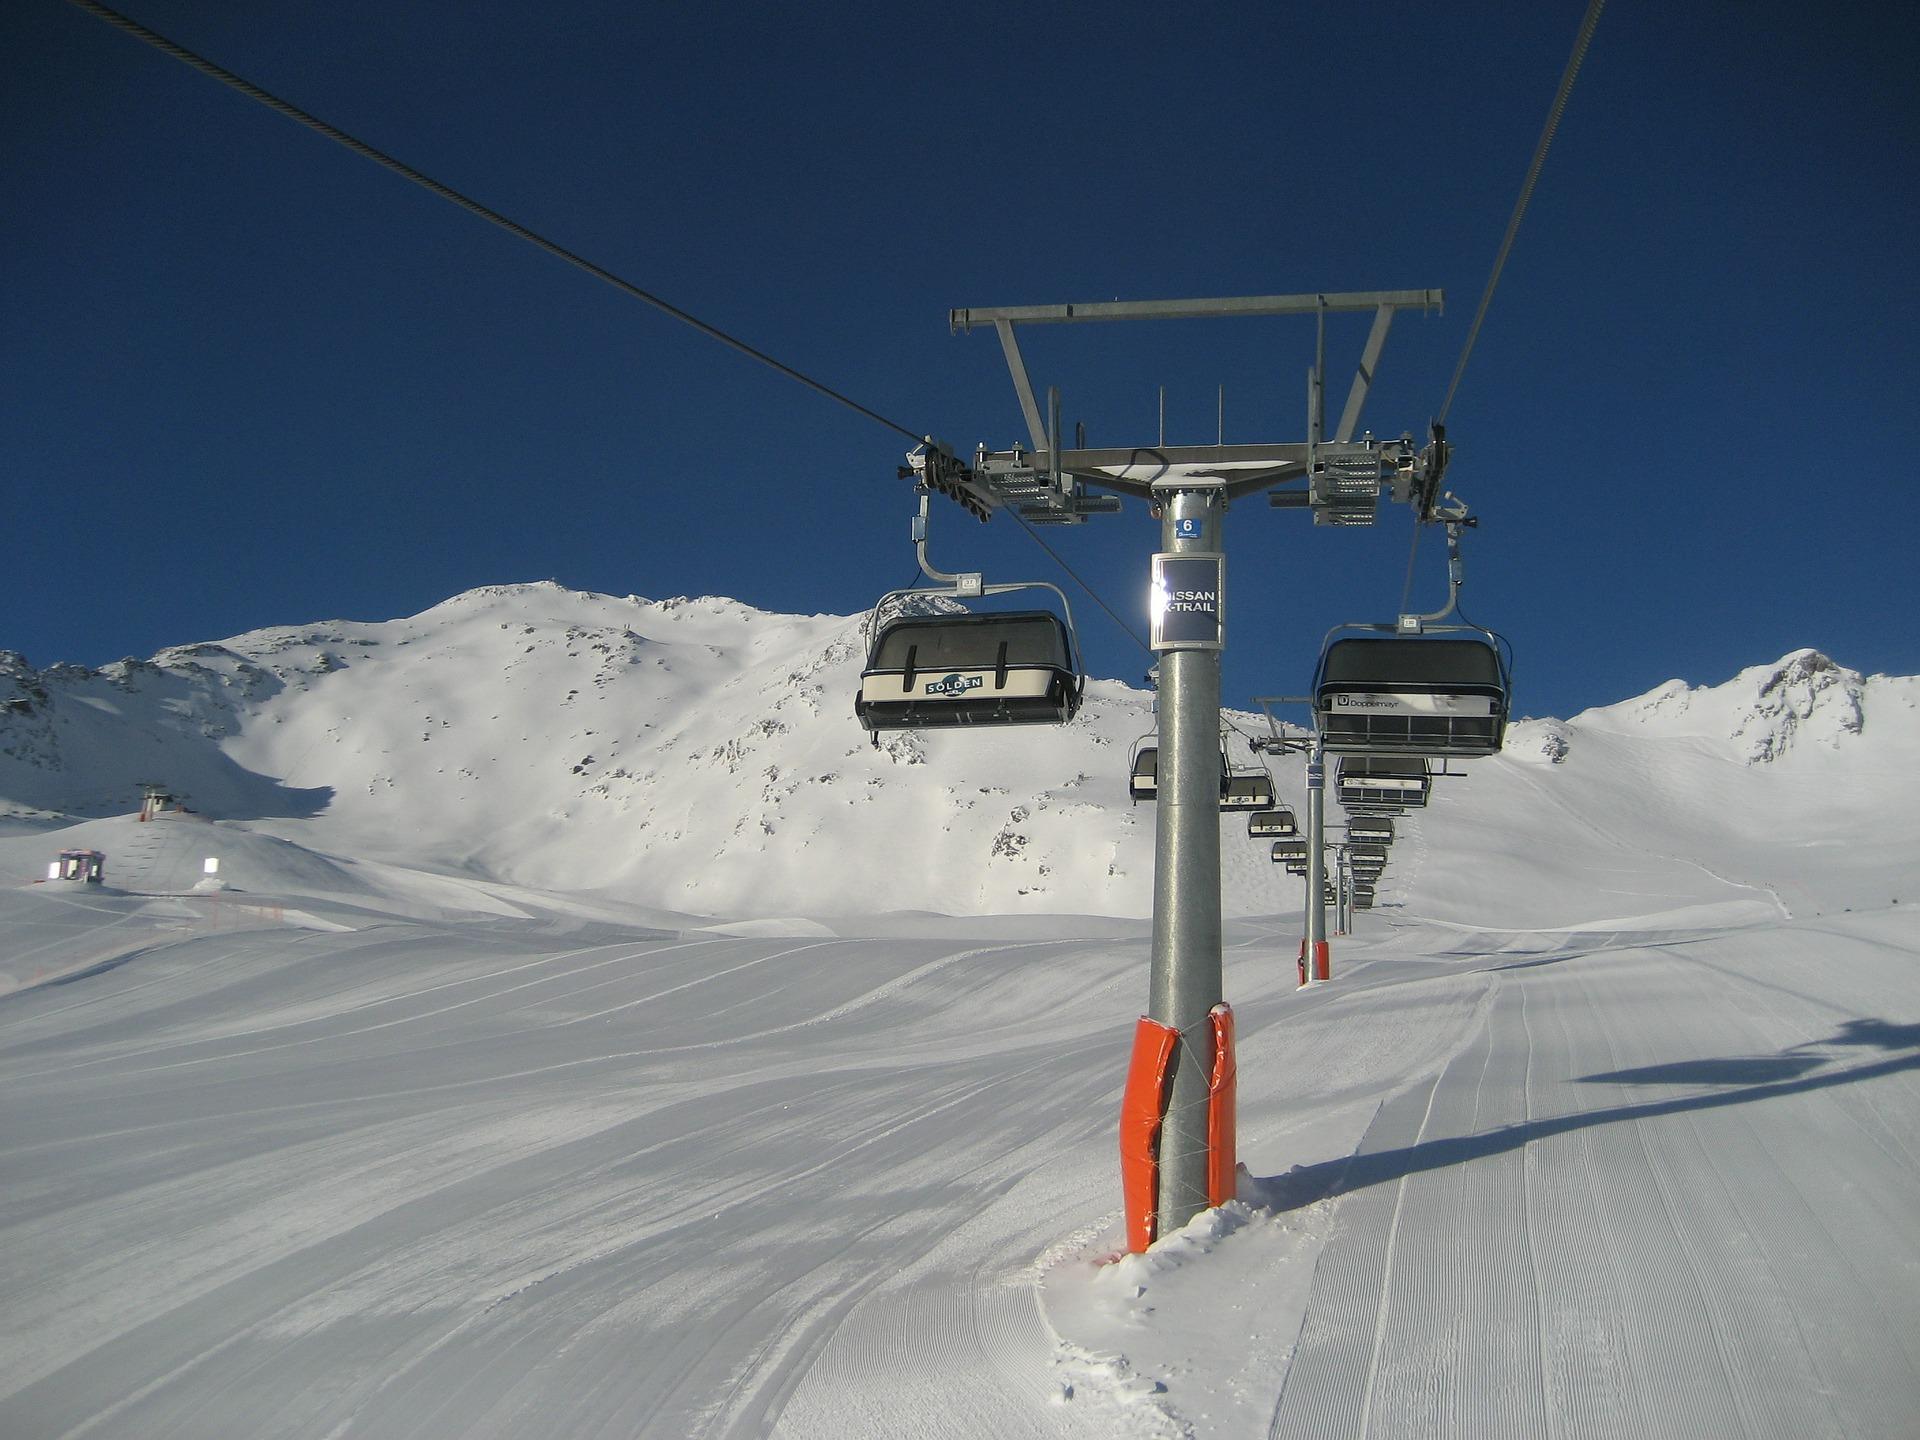 chairlift-114742_1920.jpg